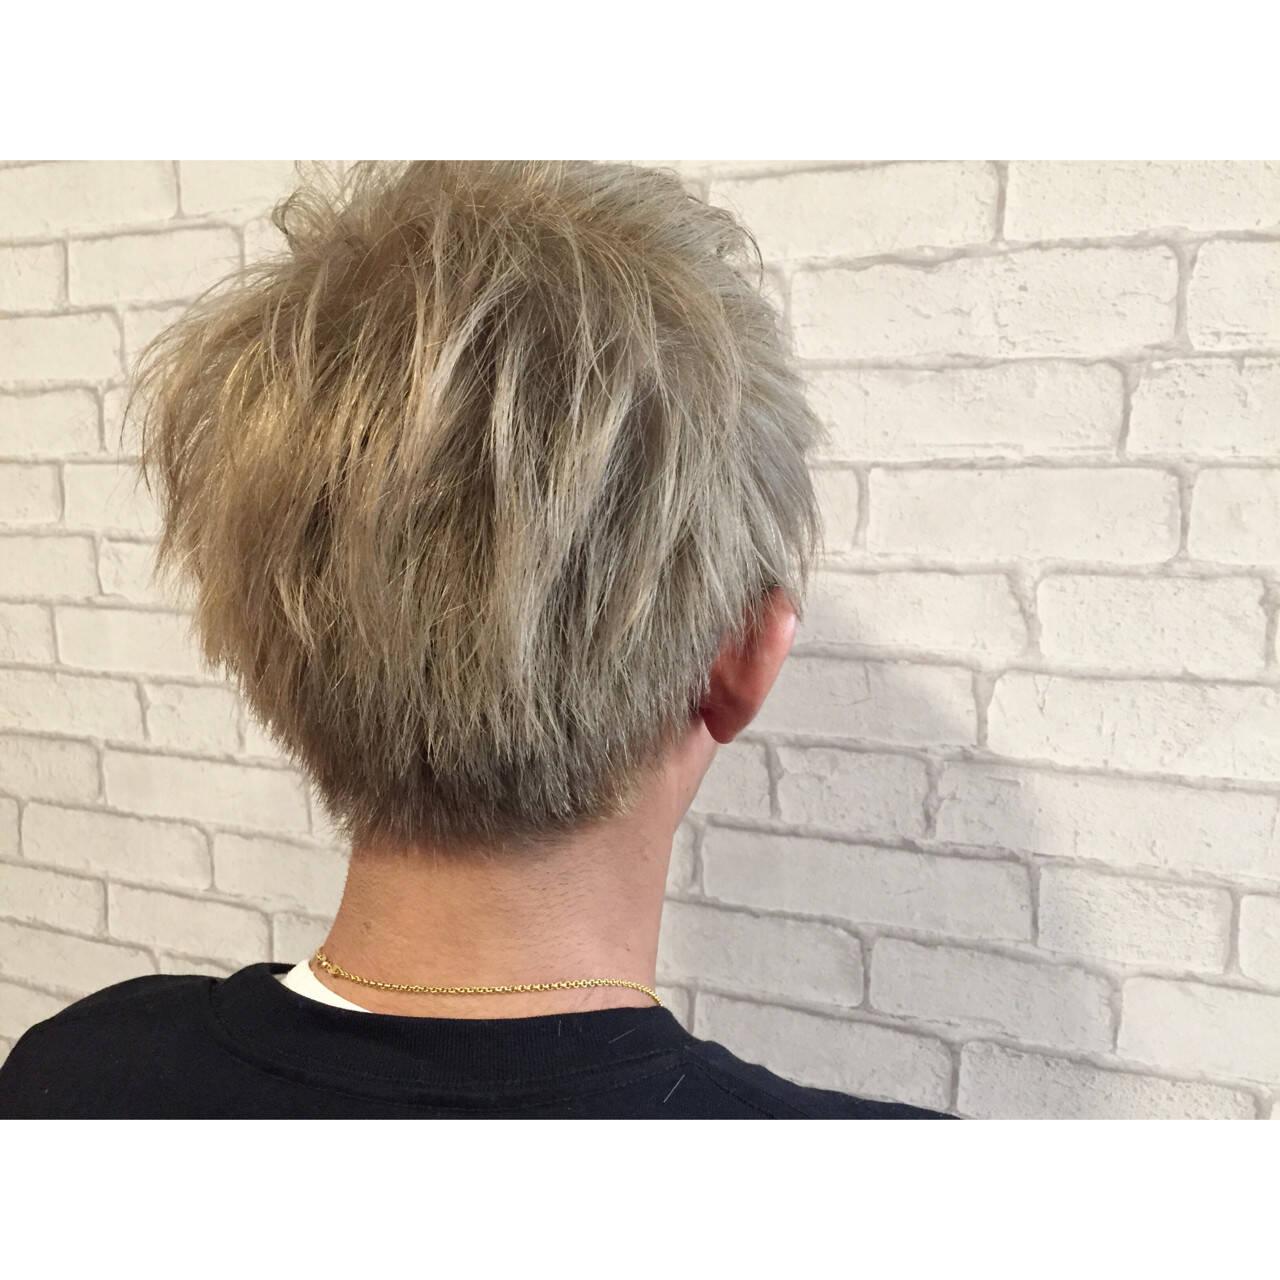 ボーイッシュ メンズ ストリート ヘアアレンジヘアスタイルや髪型の写真・画像